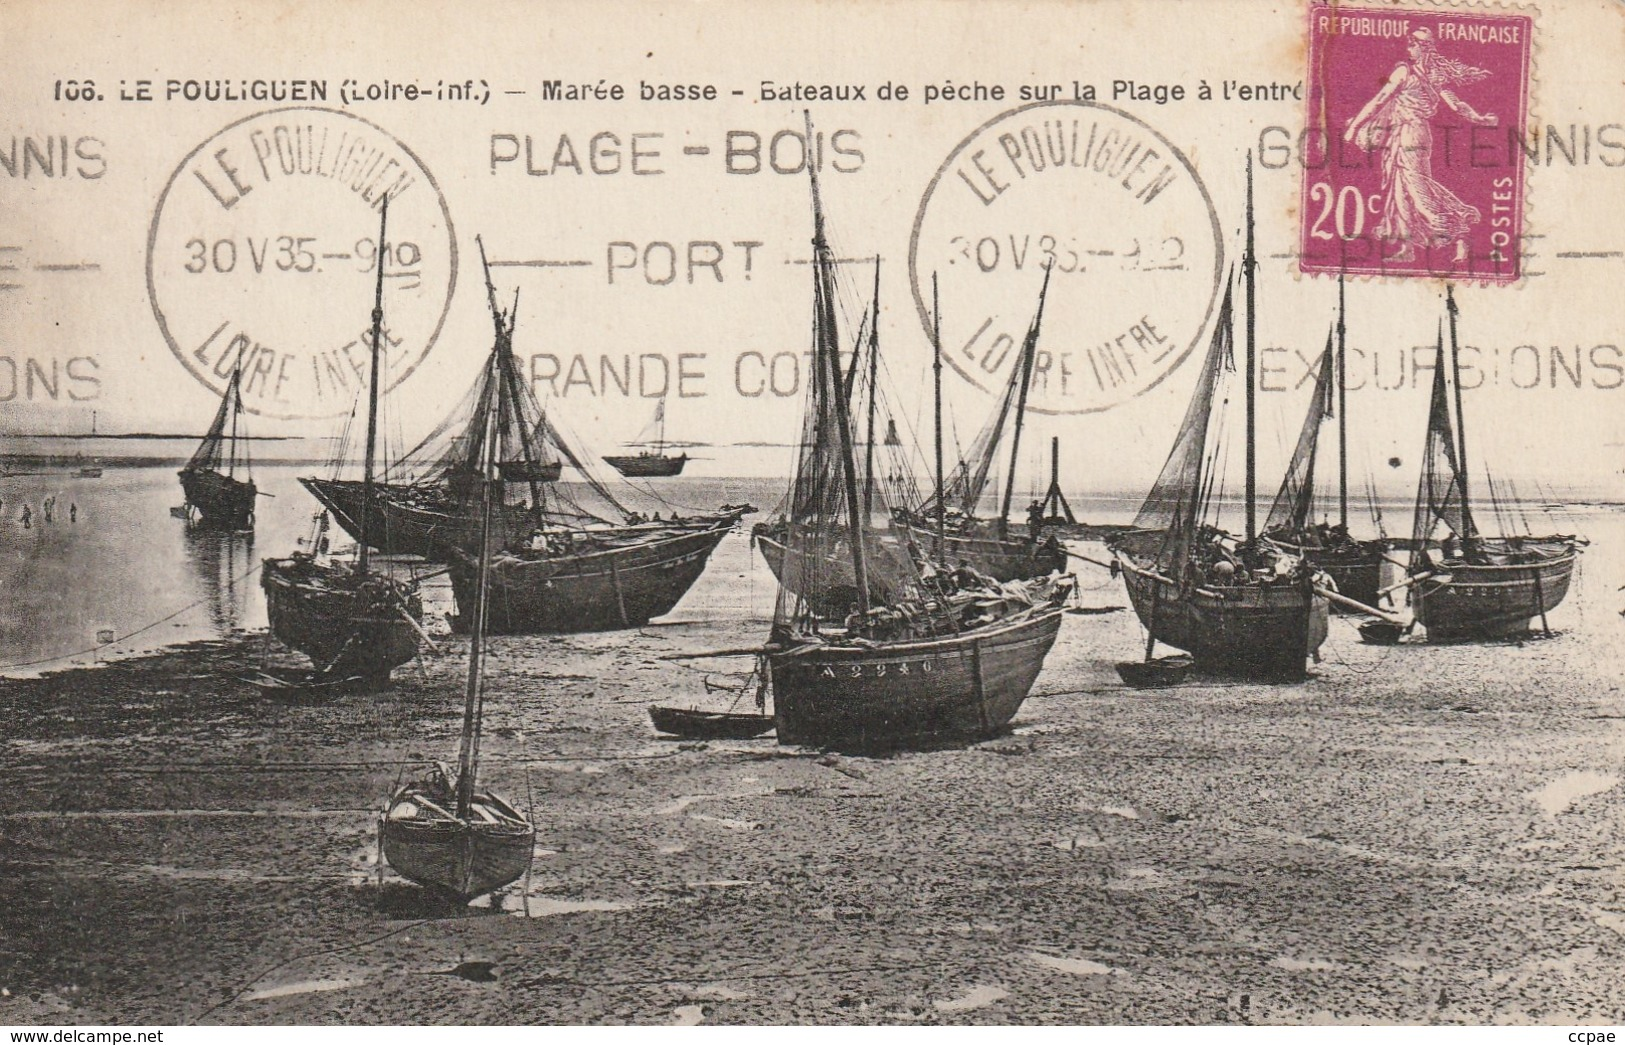 Marée Basse - Bateaux De Pêche Sur La Plage à L'entrée ... - Le Pouliguen